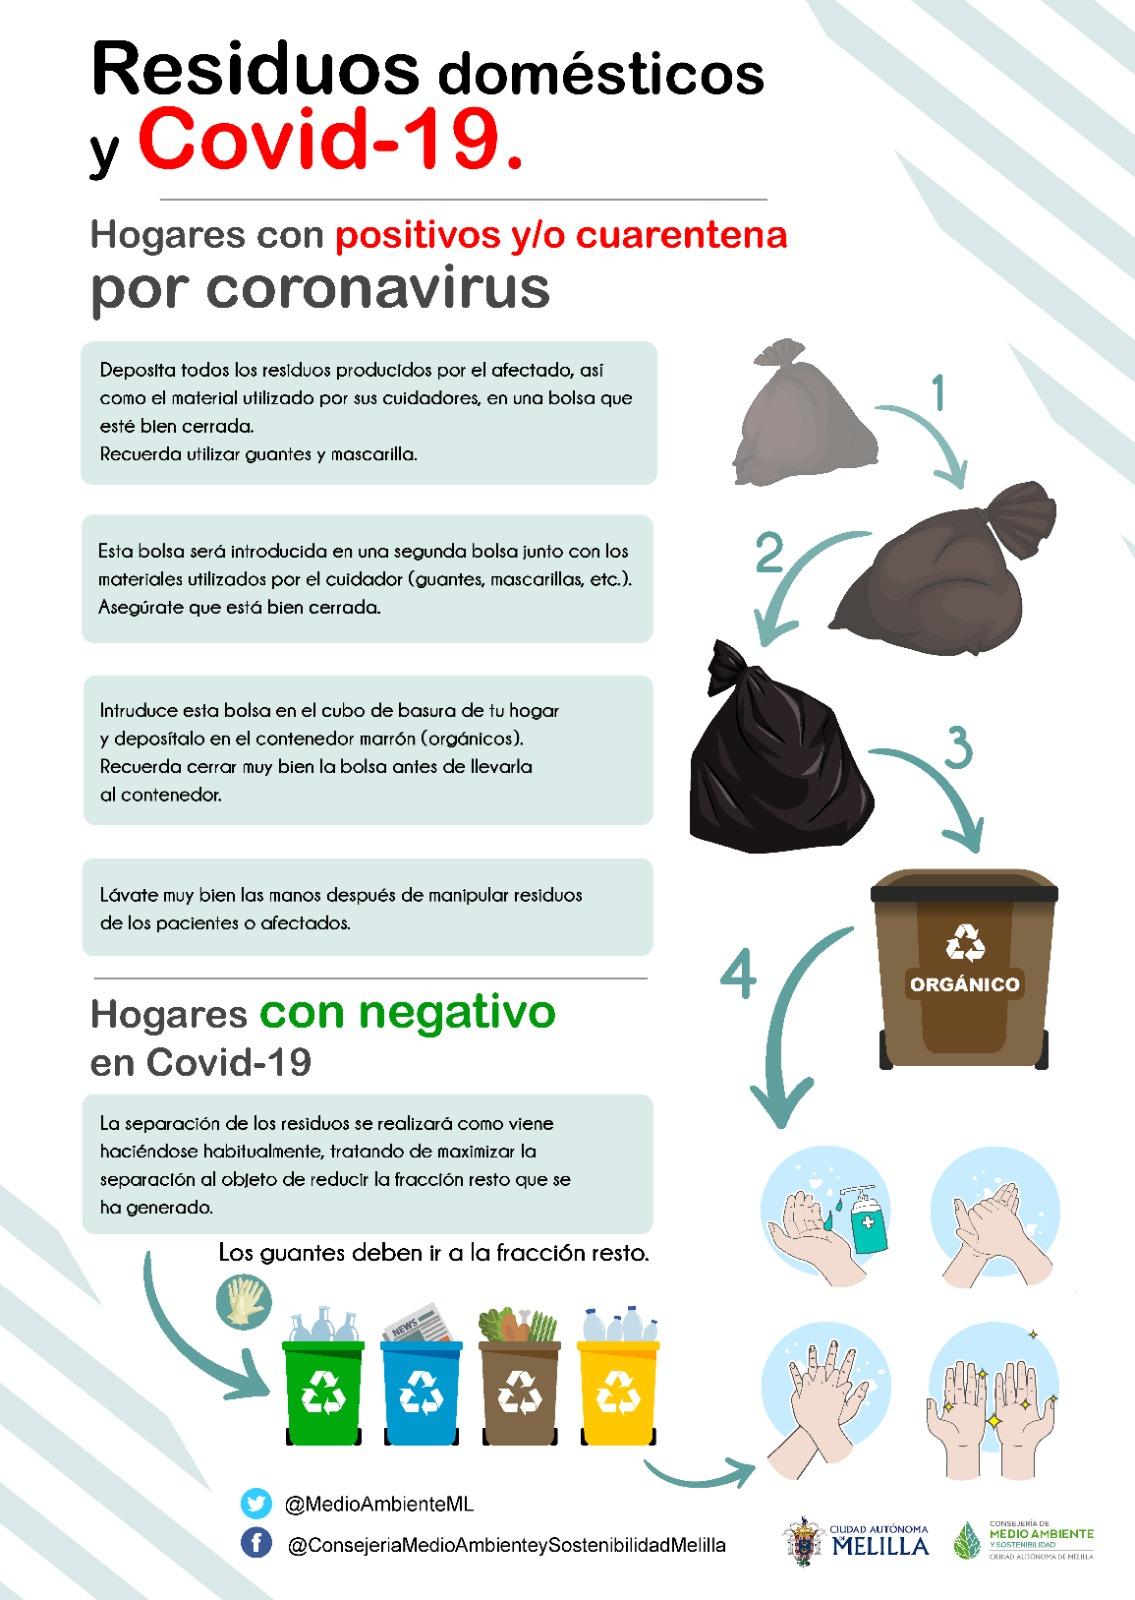 Residuos domésticos y COVID-19